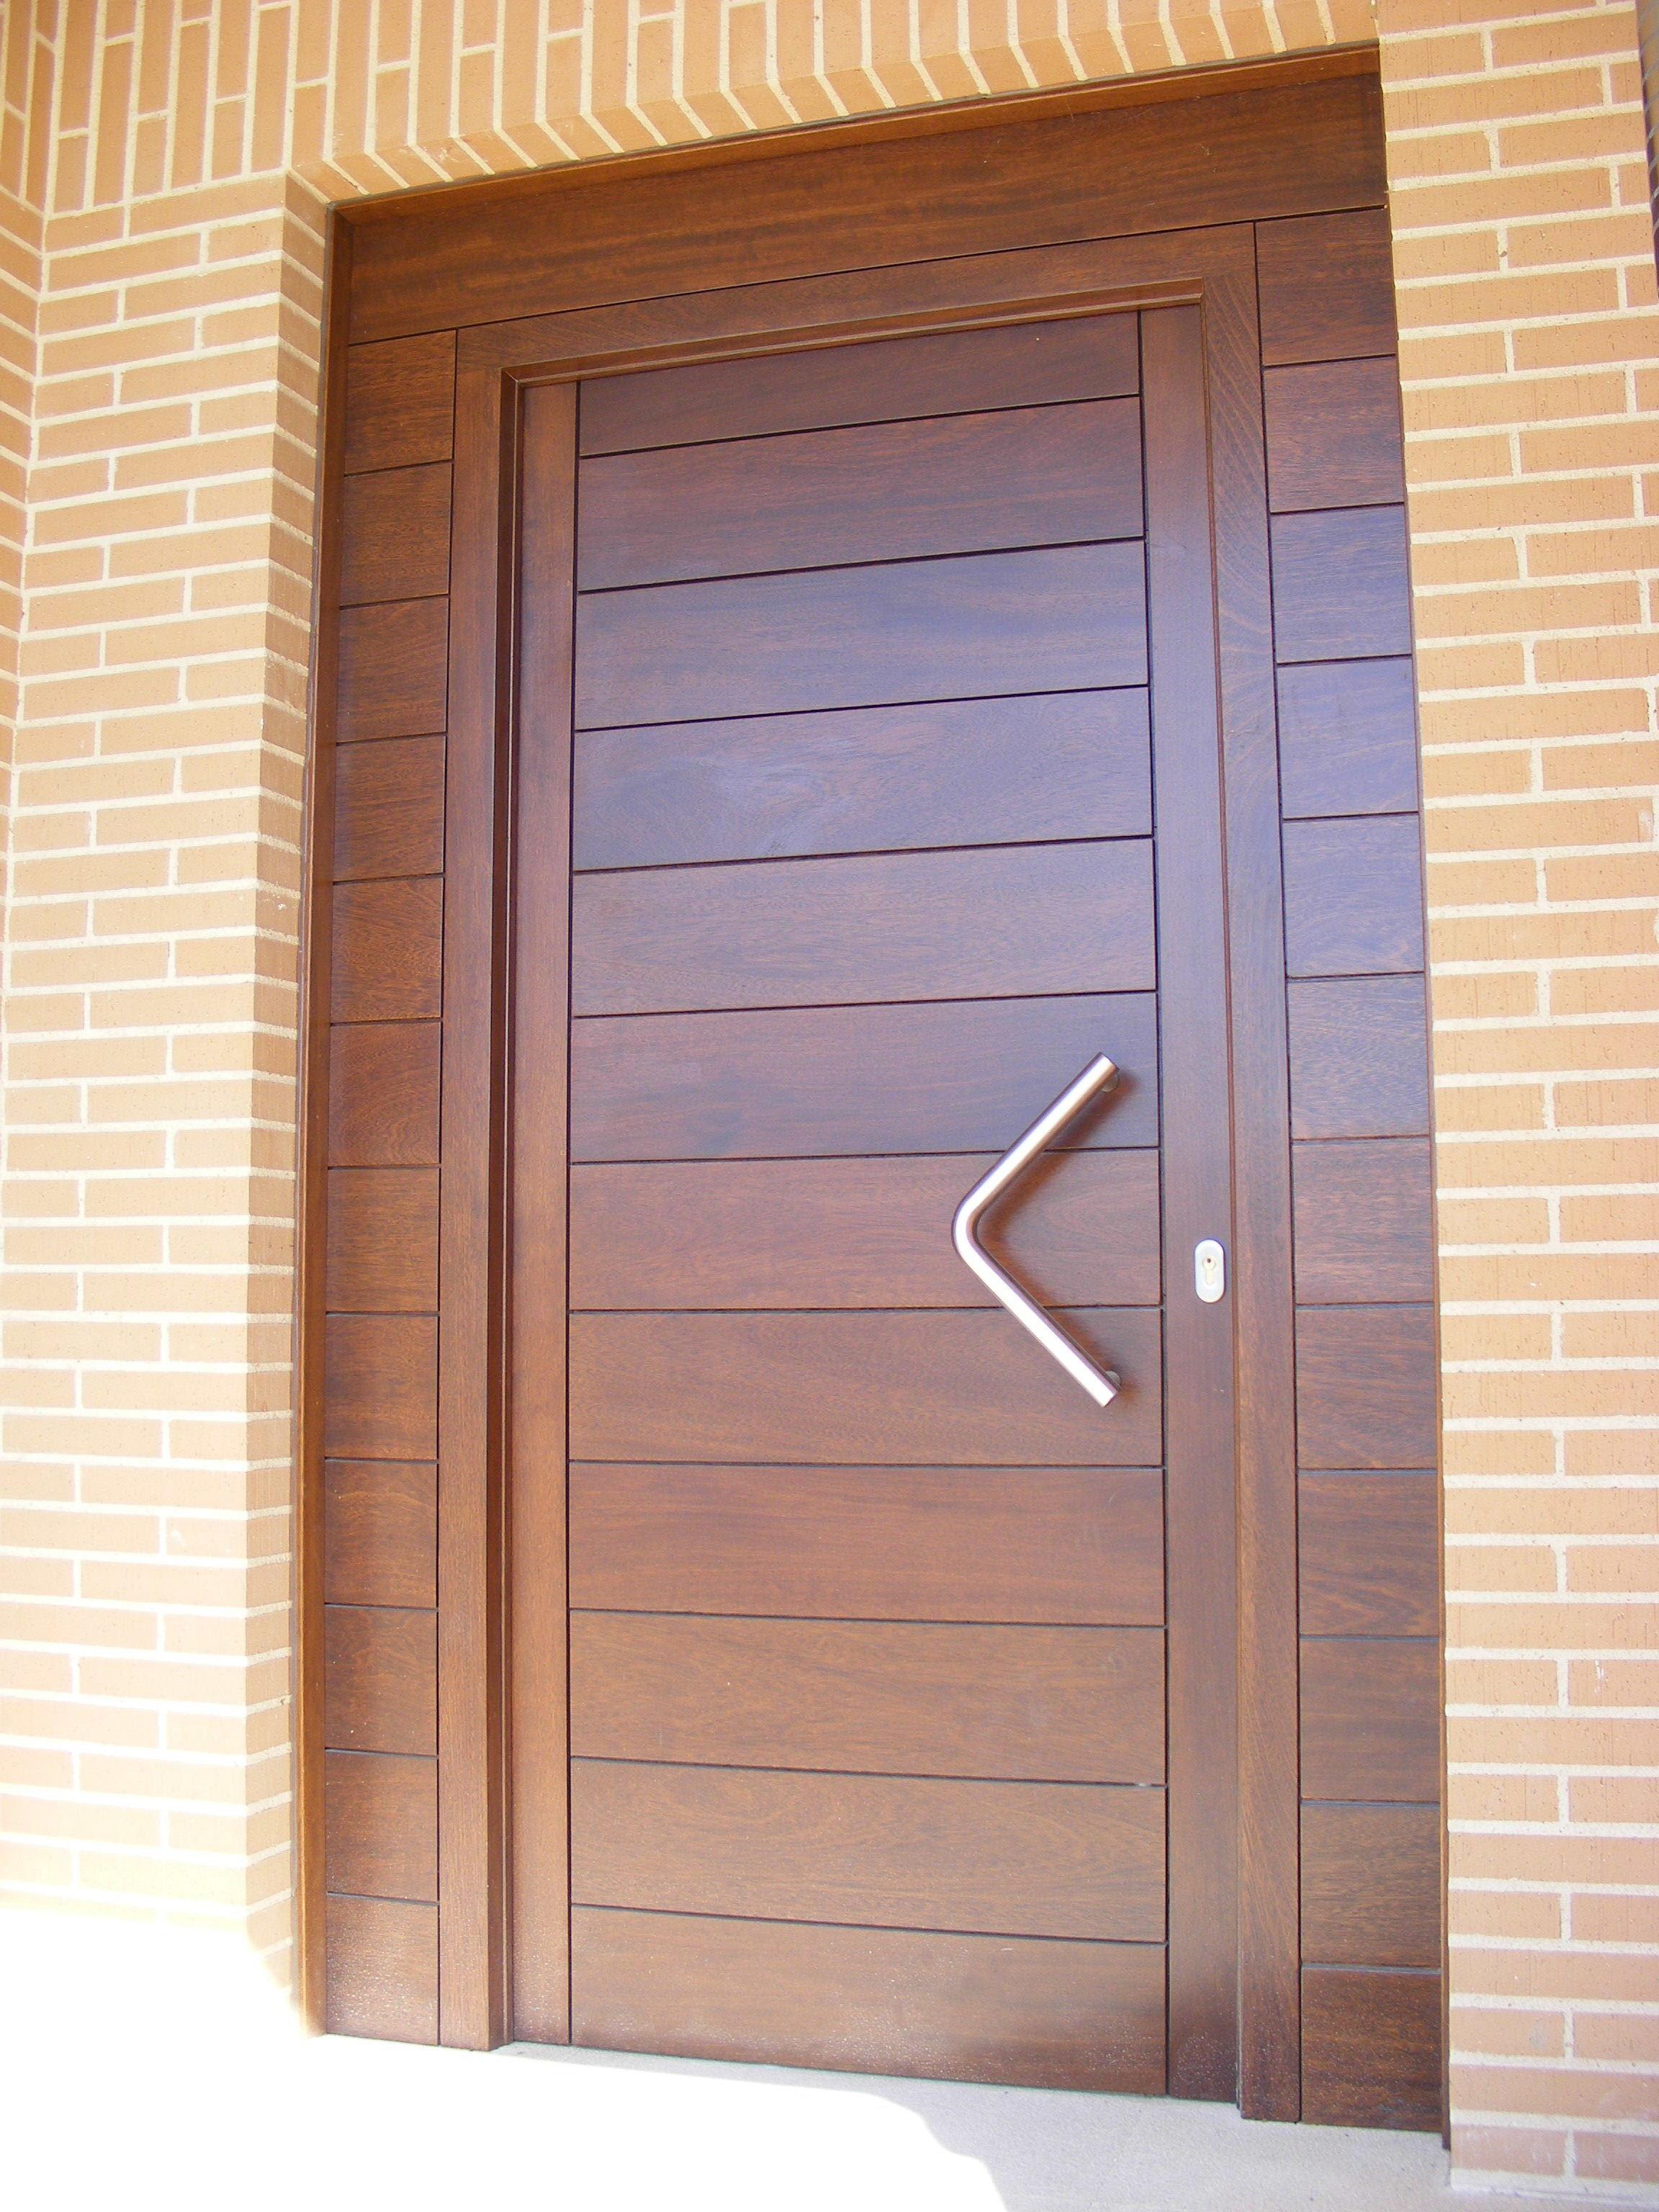 Puertas bonitas free tres puertas de madera bastante for Puerta xor de tres entradas